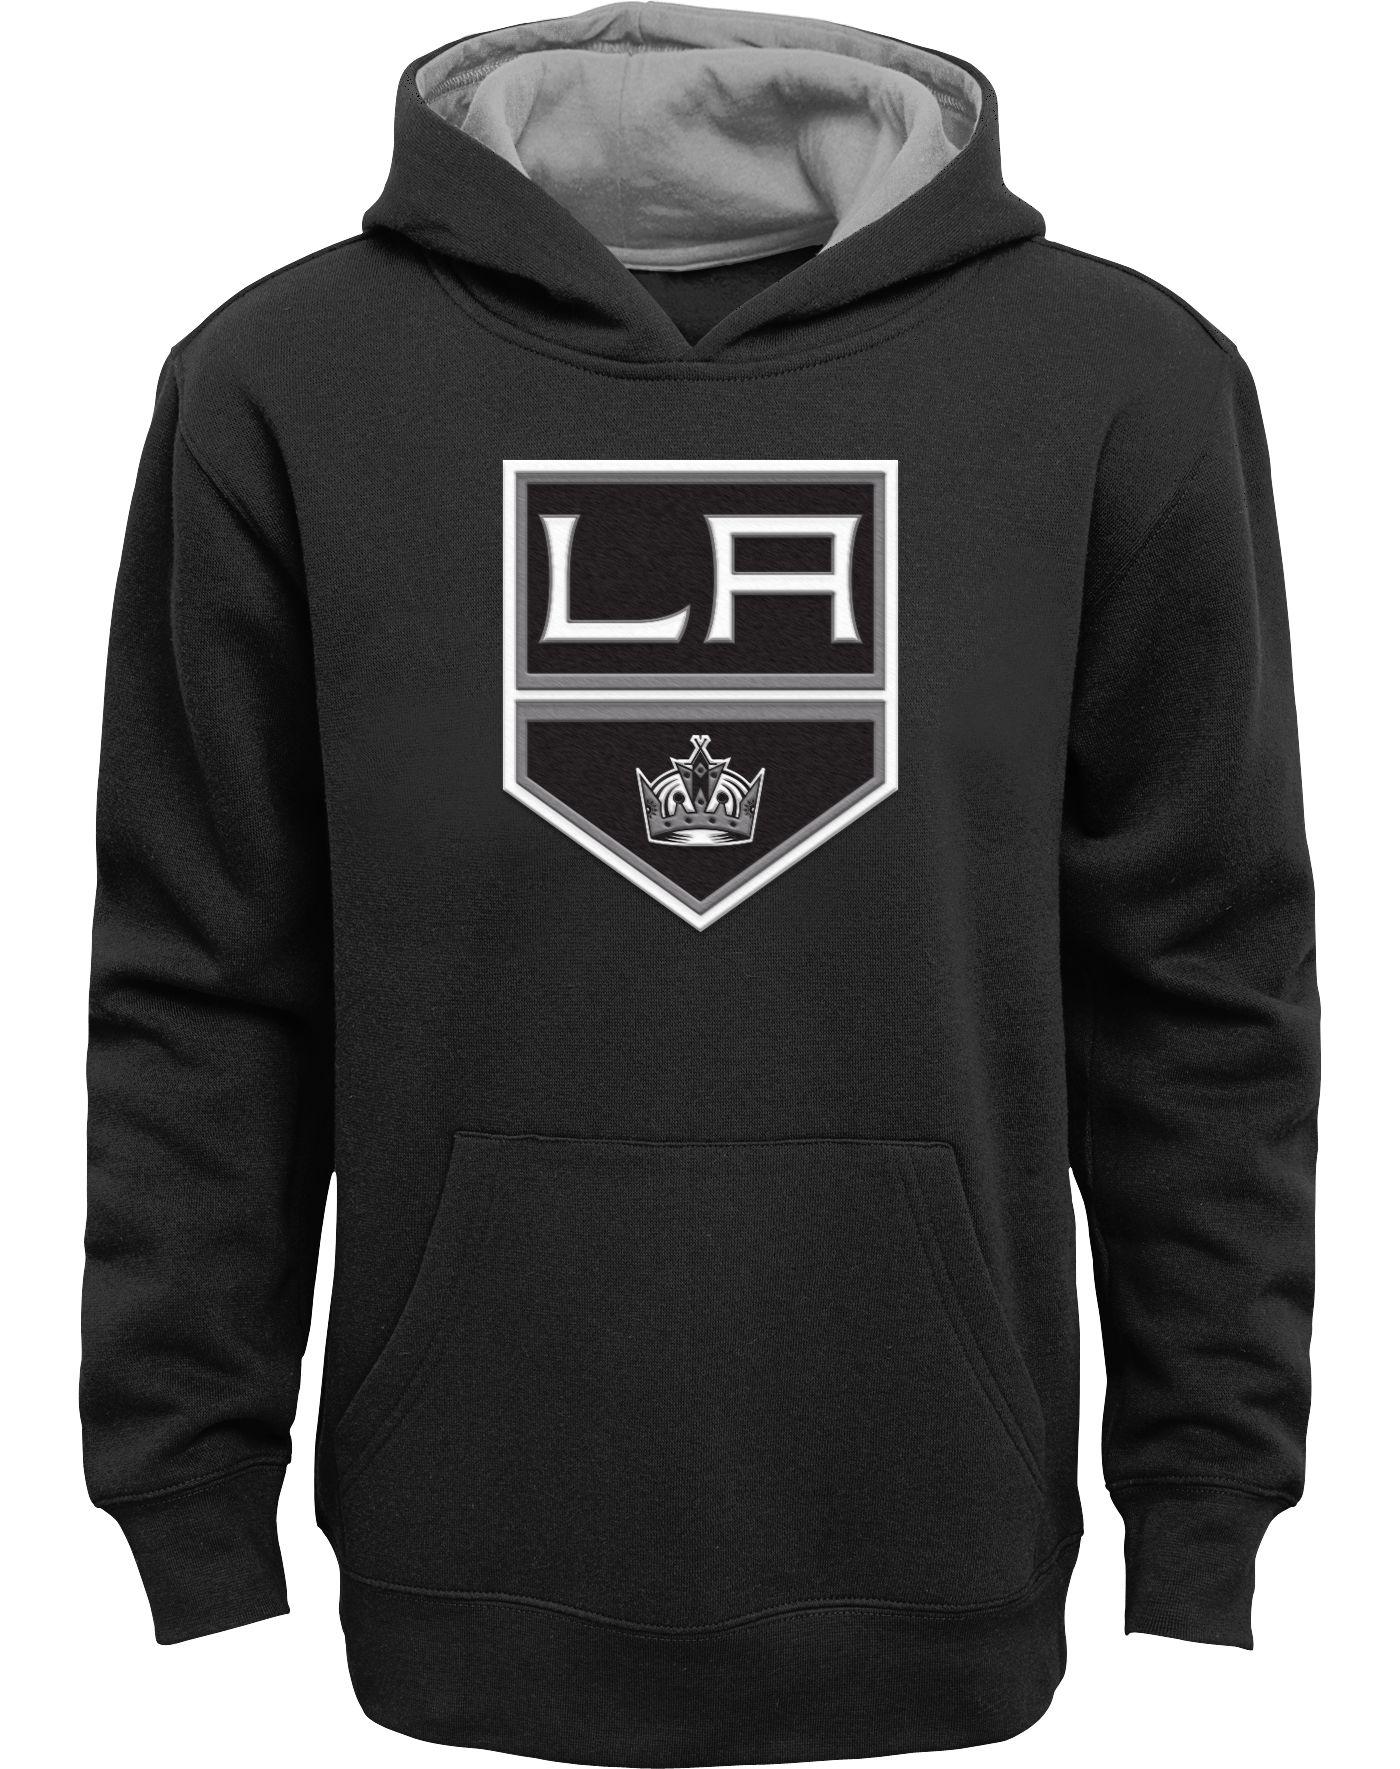 NHL Youth Los Angeles Kings Prime Fleece Black Pullover Hoodie